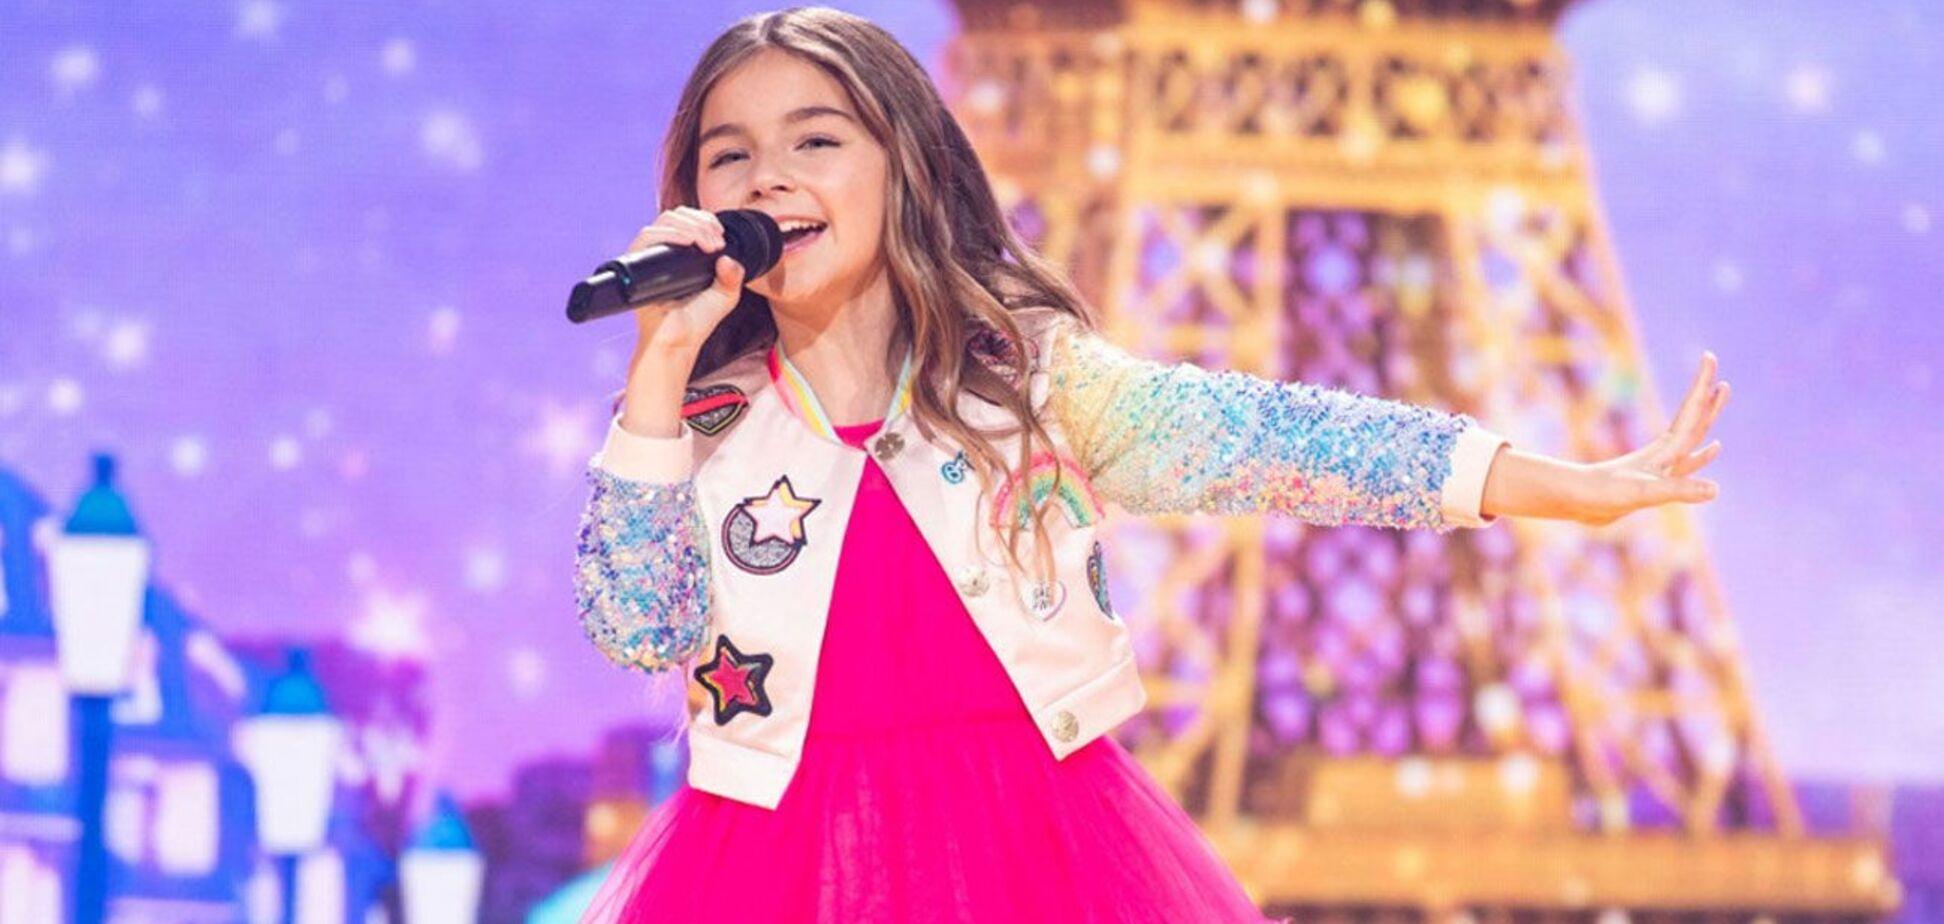 Виступ переможниці Дитячого Євробачення 2020 викликав розчулення у глядачів. Відео номеру